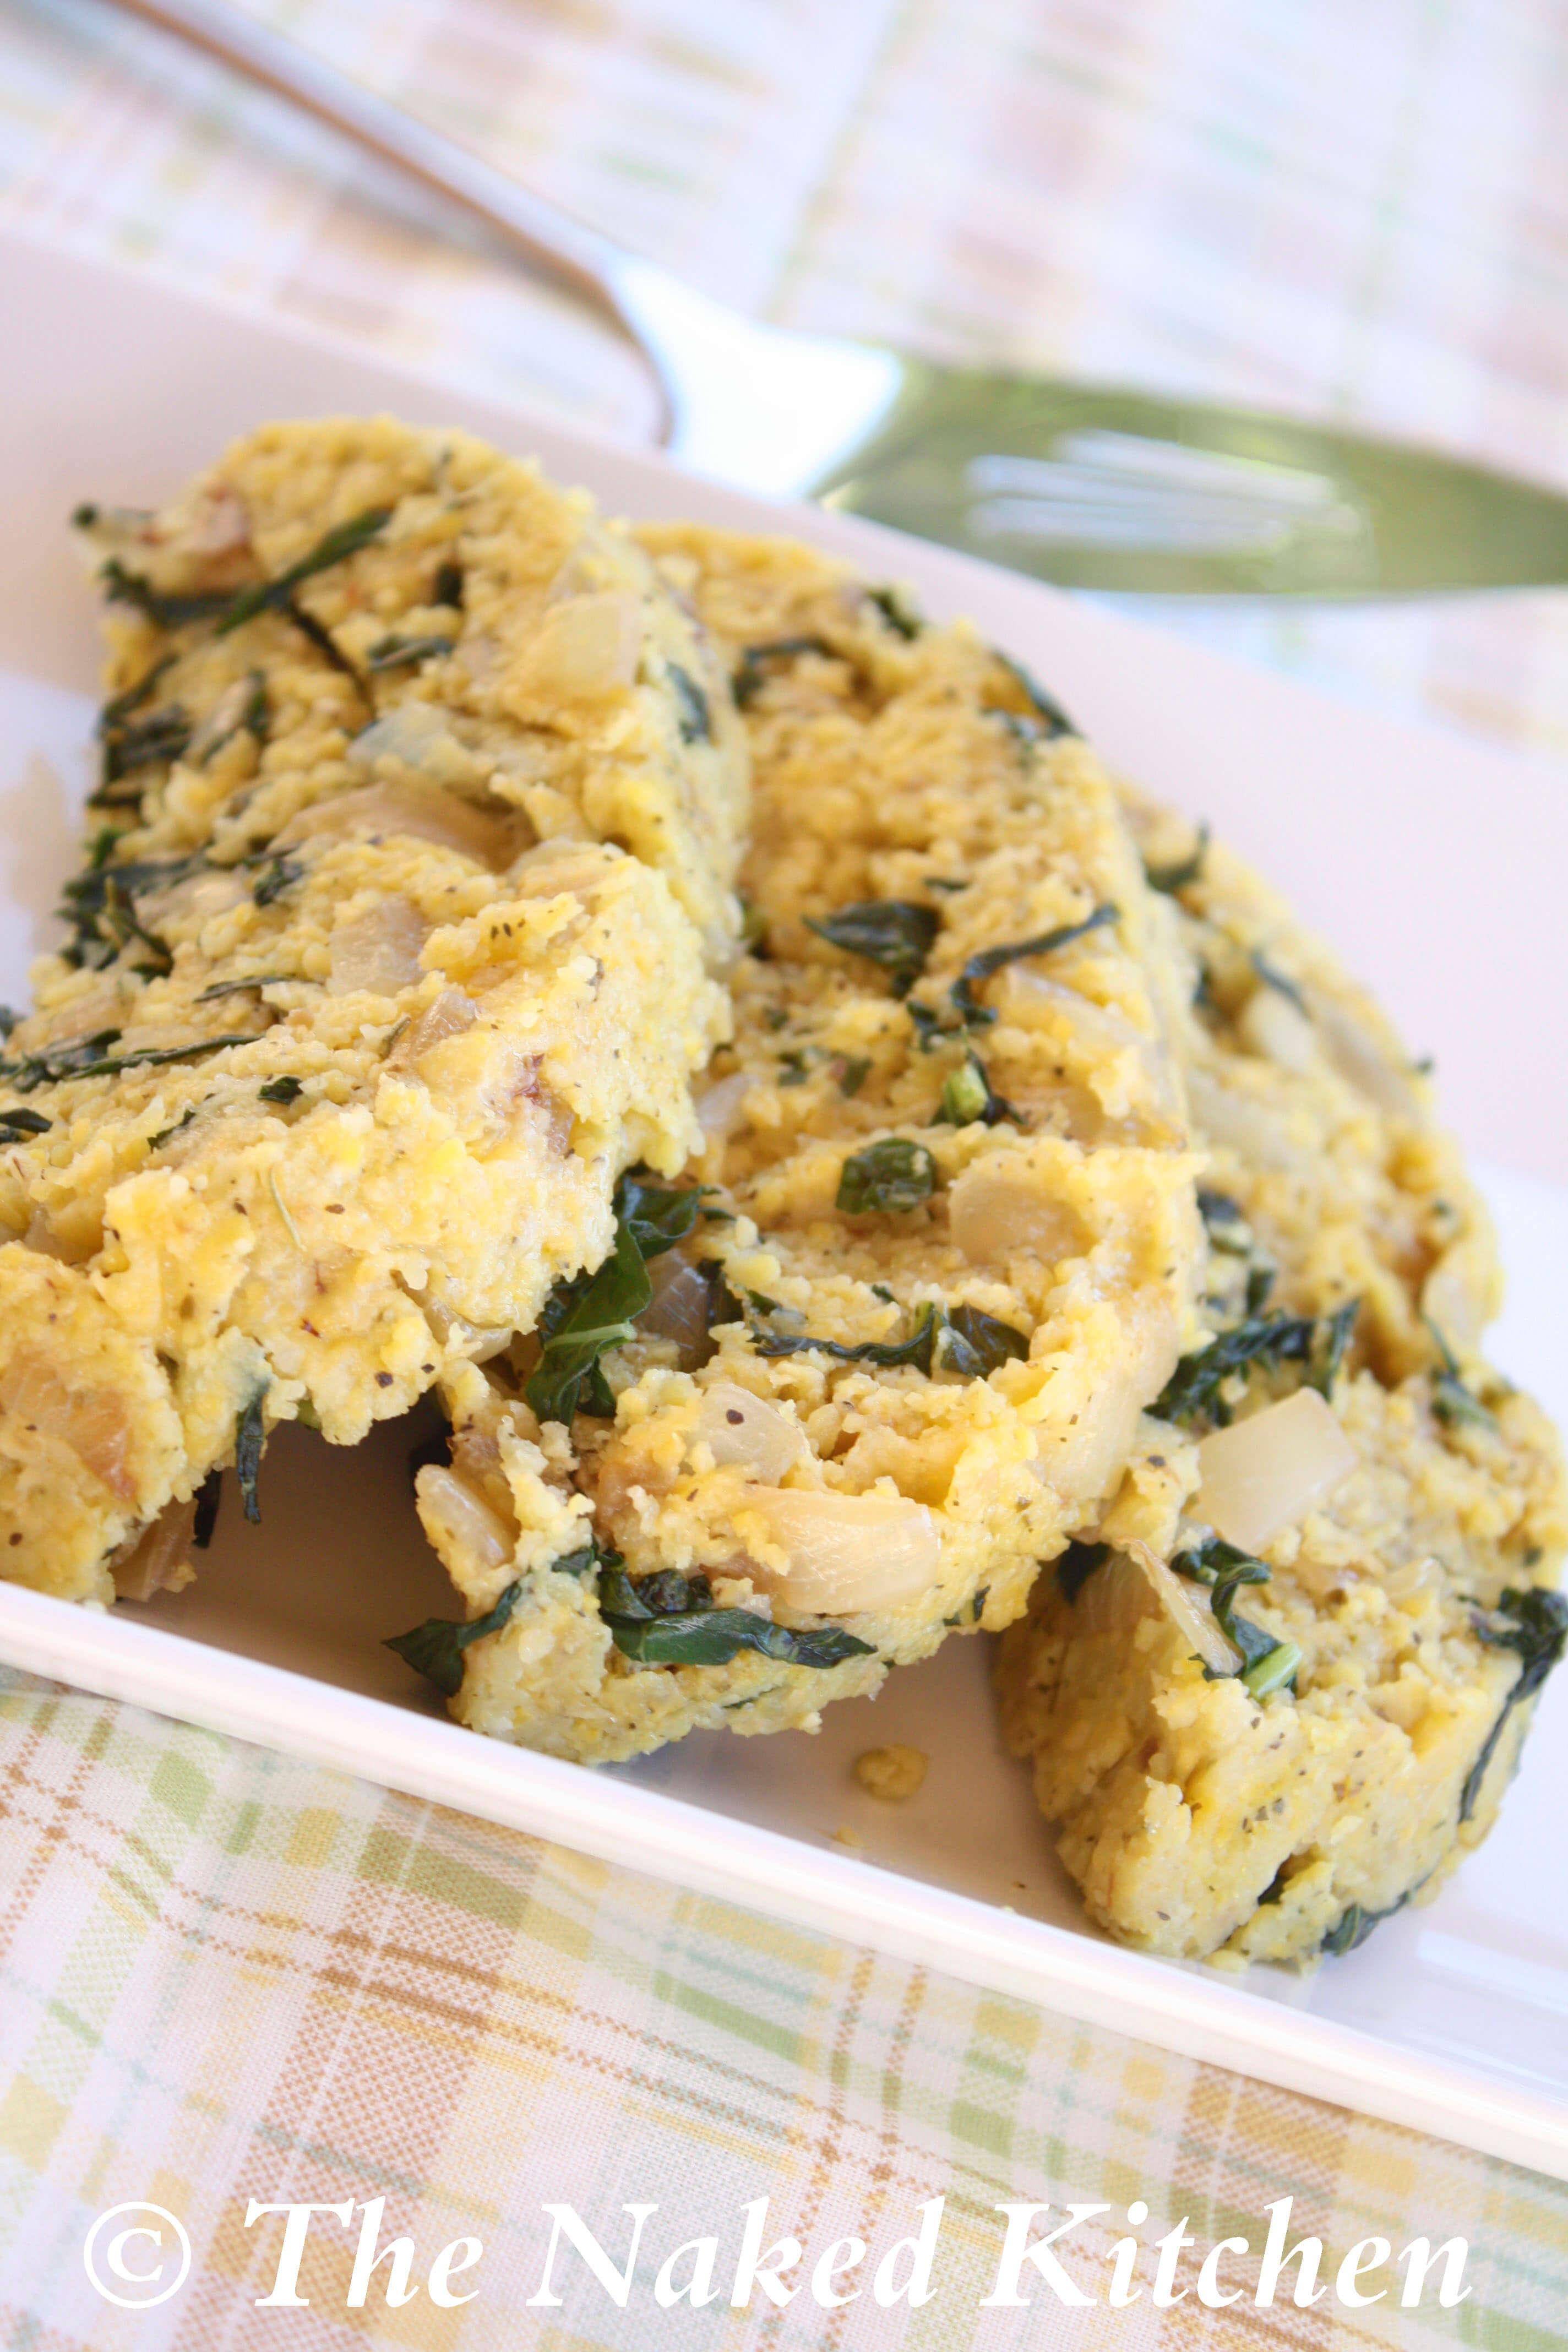 Herbed Polenta with Kale